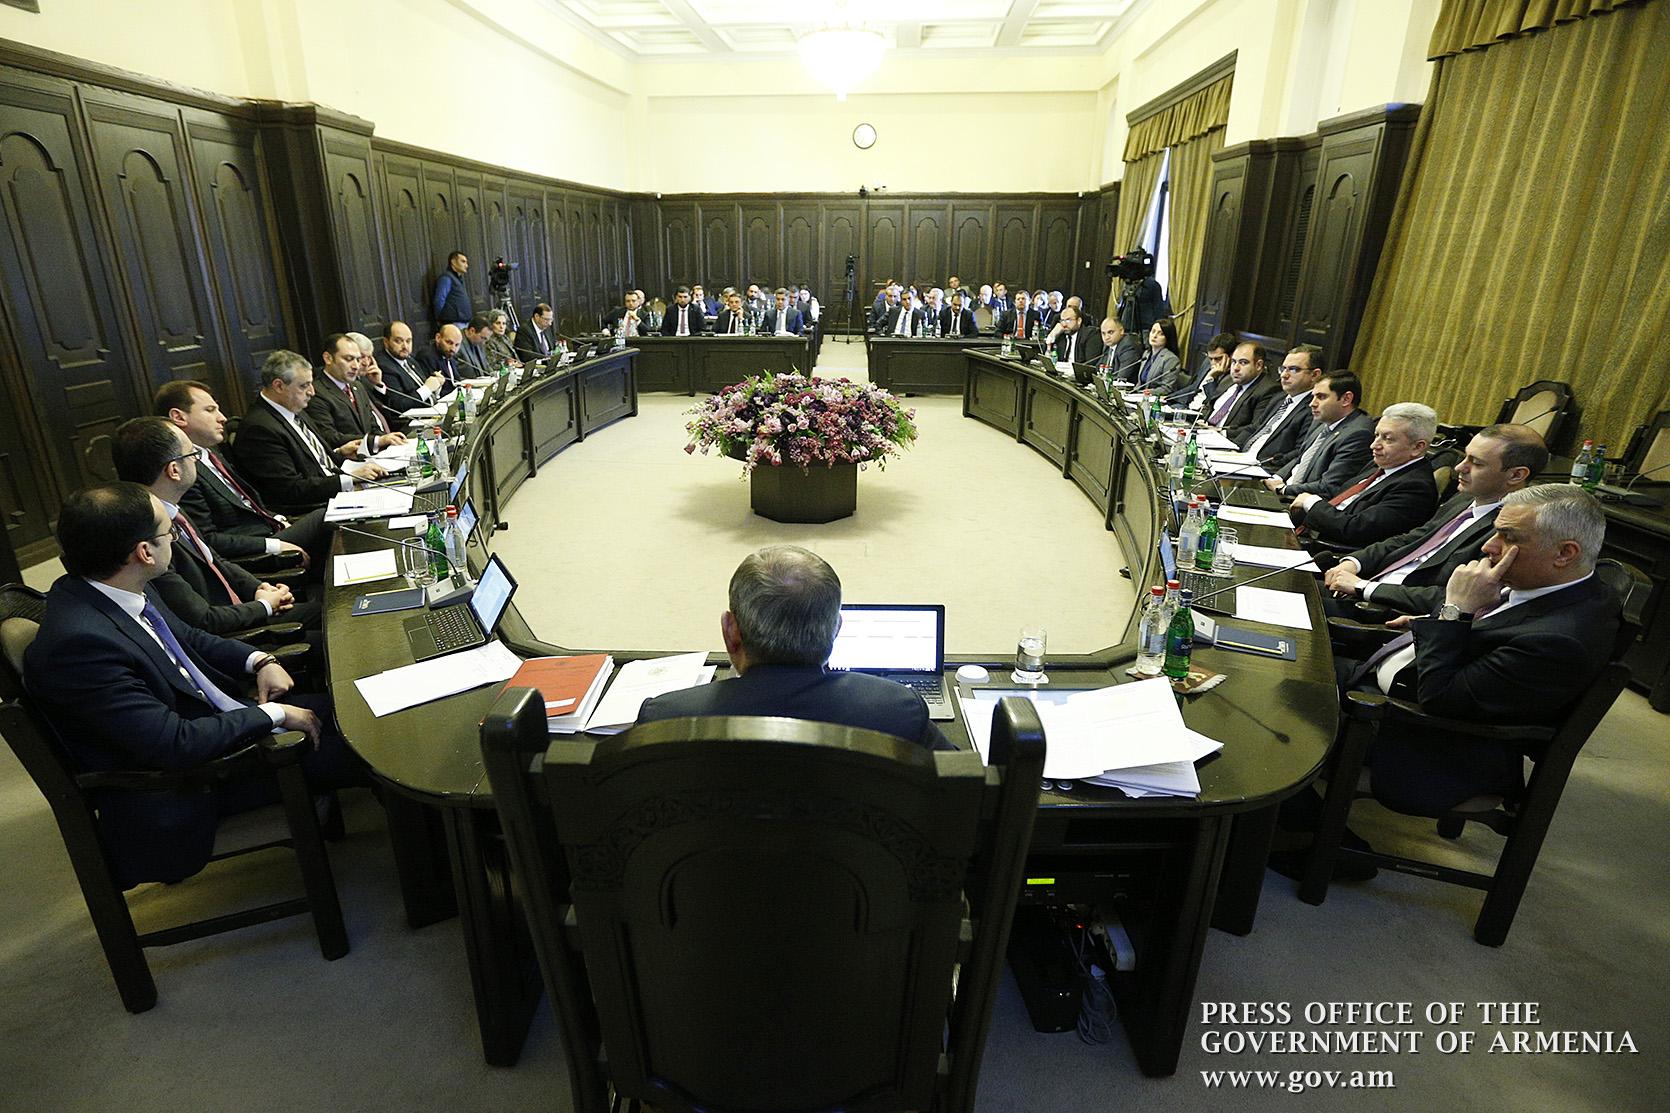 Photo of Կառավարությունը կստեղծի Հայաստանի պետական հետաքրքրությունների ֆոնդ՝ տնտեսության զարգացմանն աջակցելու նպատակով